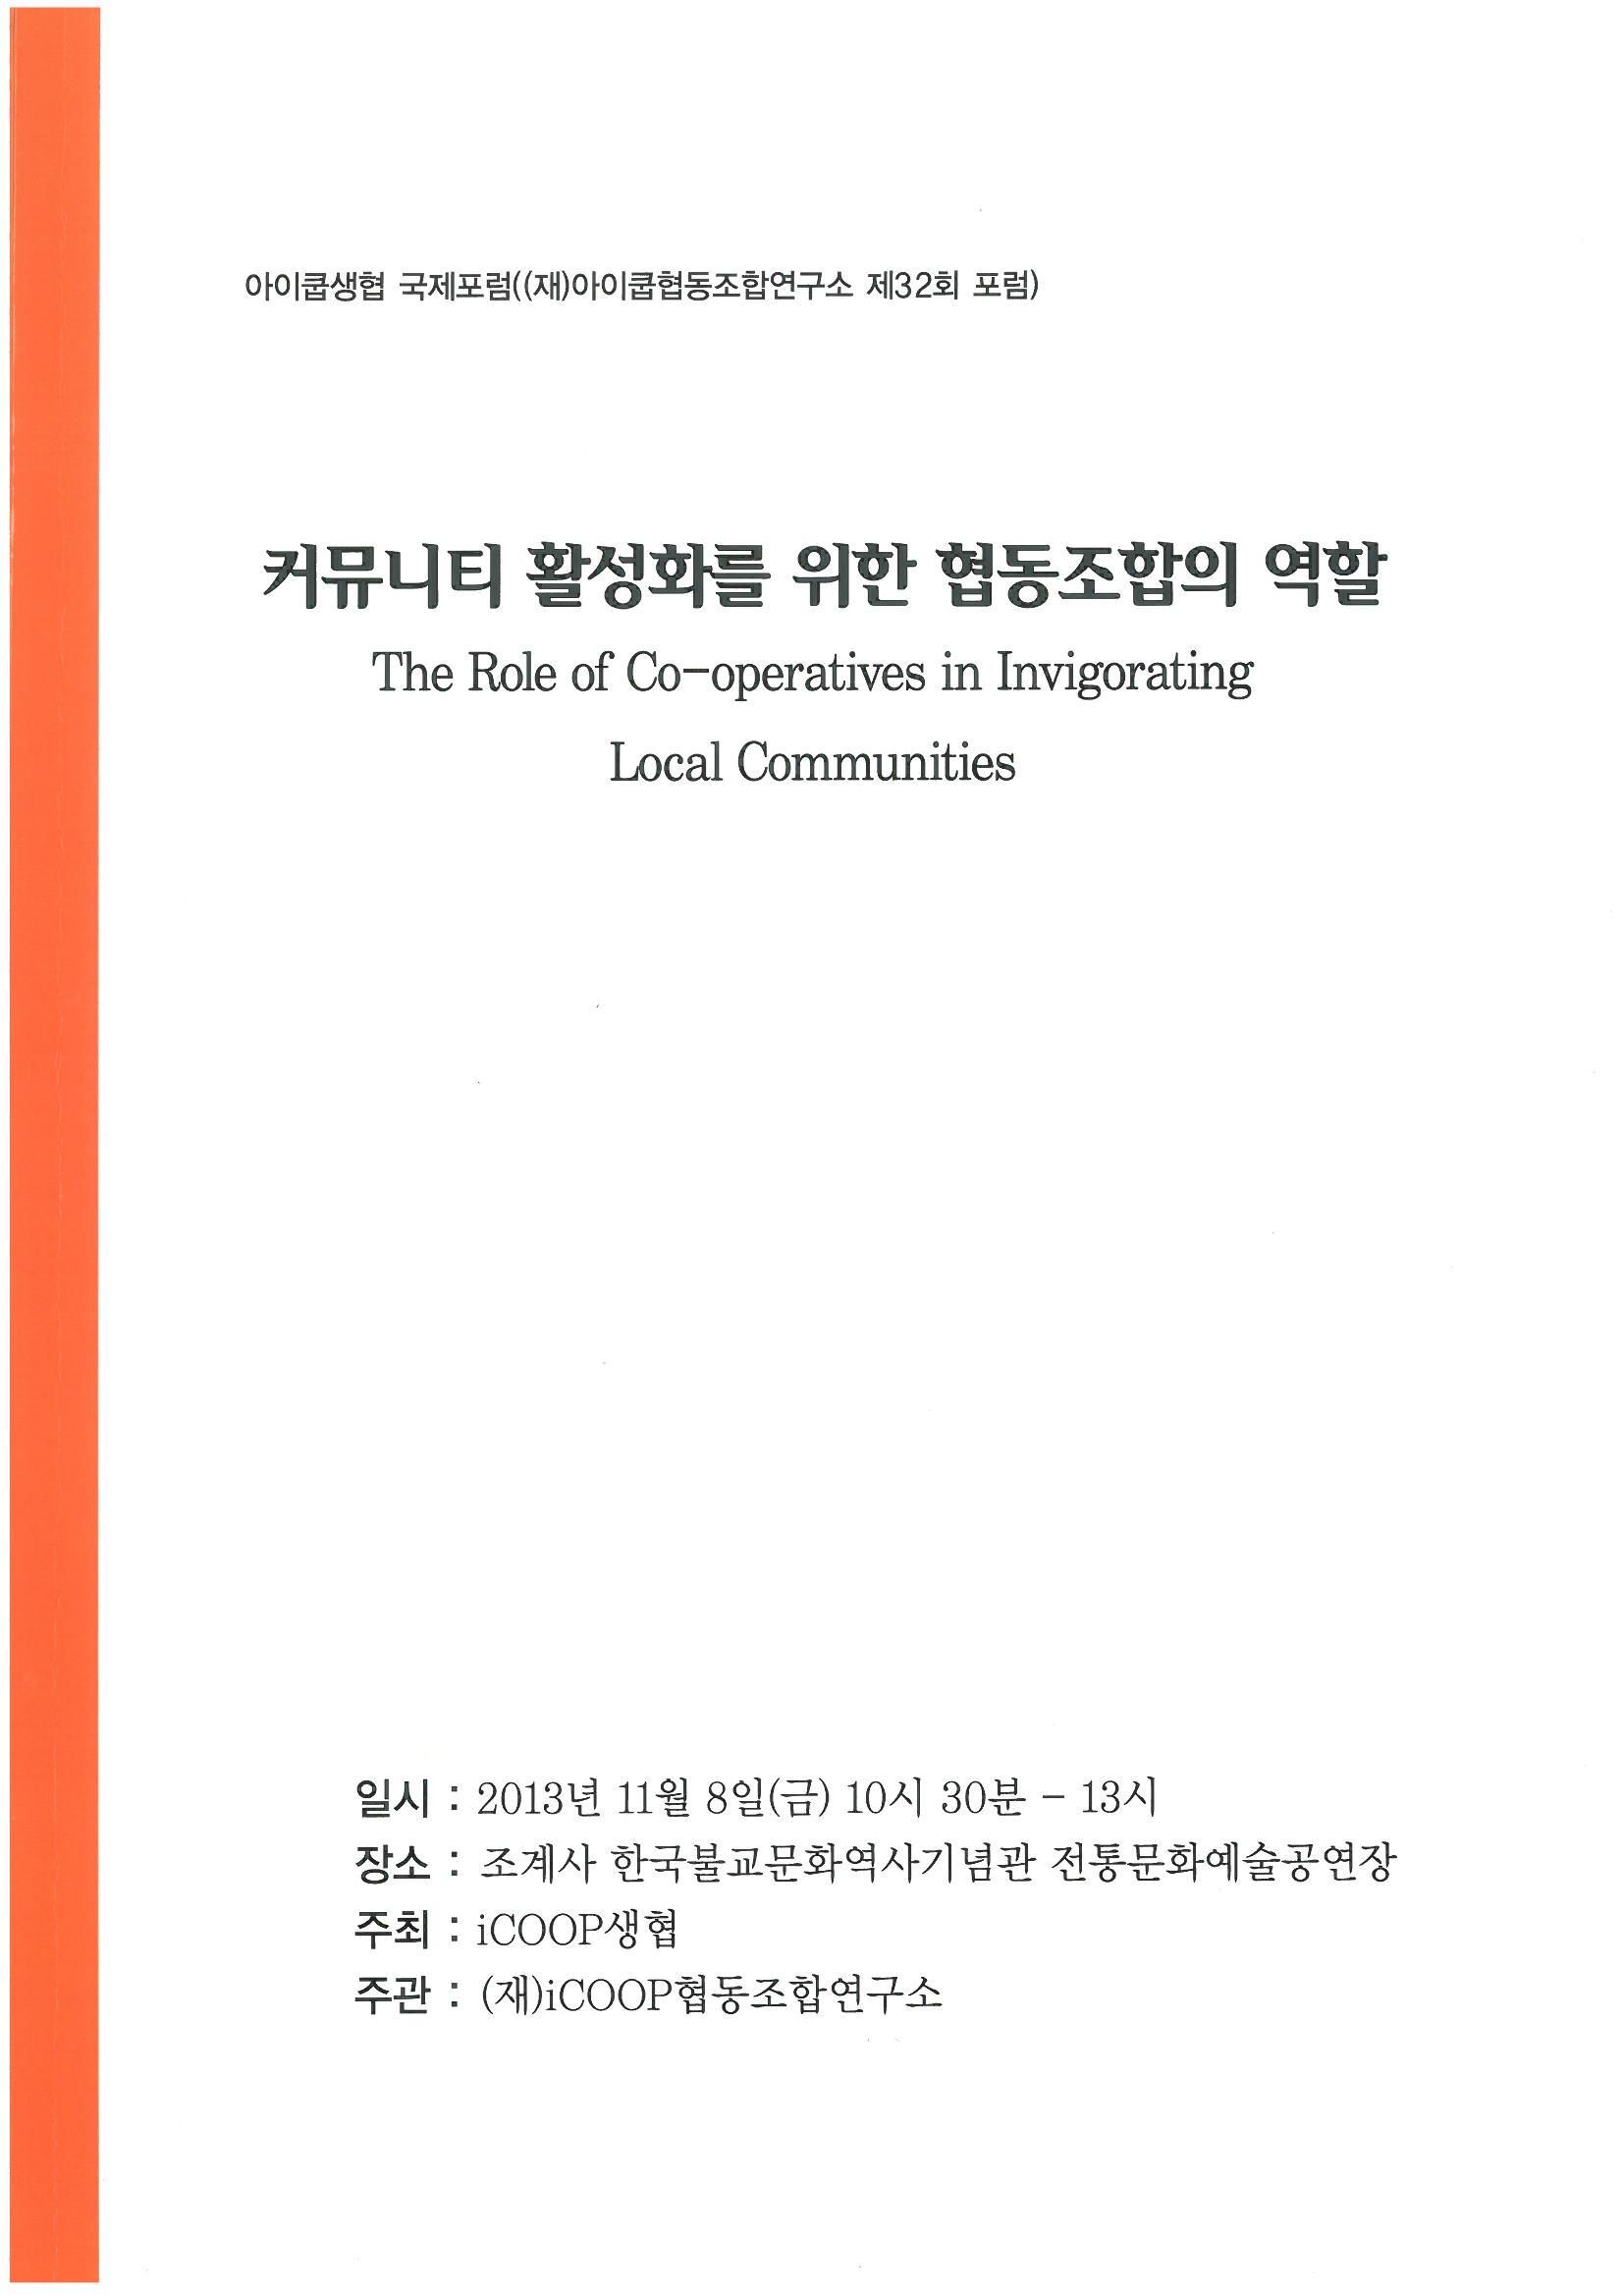 122_(제32회 포럼 자료집) 『커뮤니티 활성화를 위한 협동조합의 역할』_표지.jpg